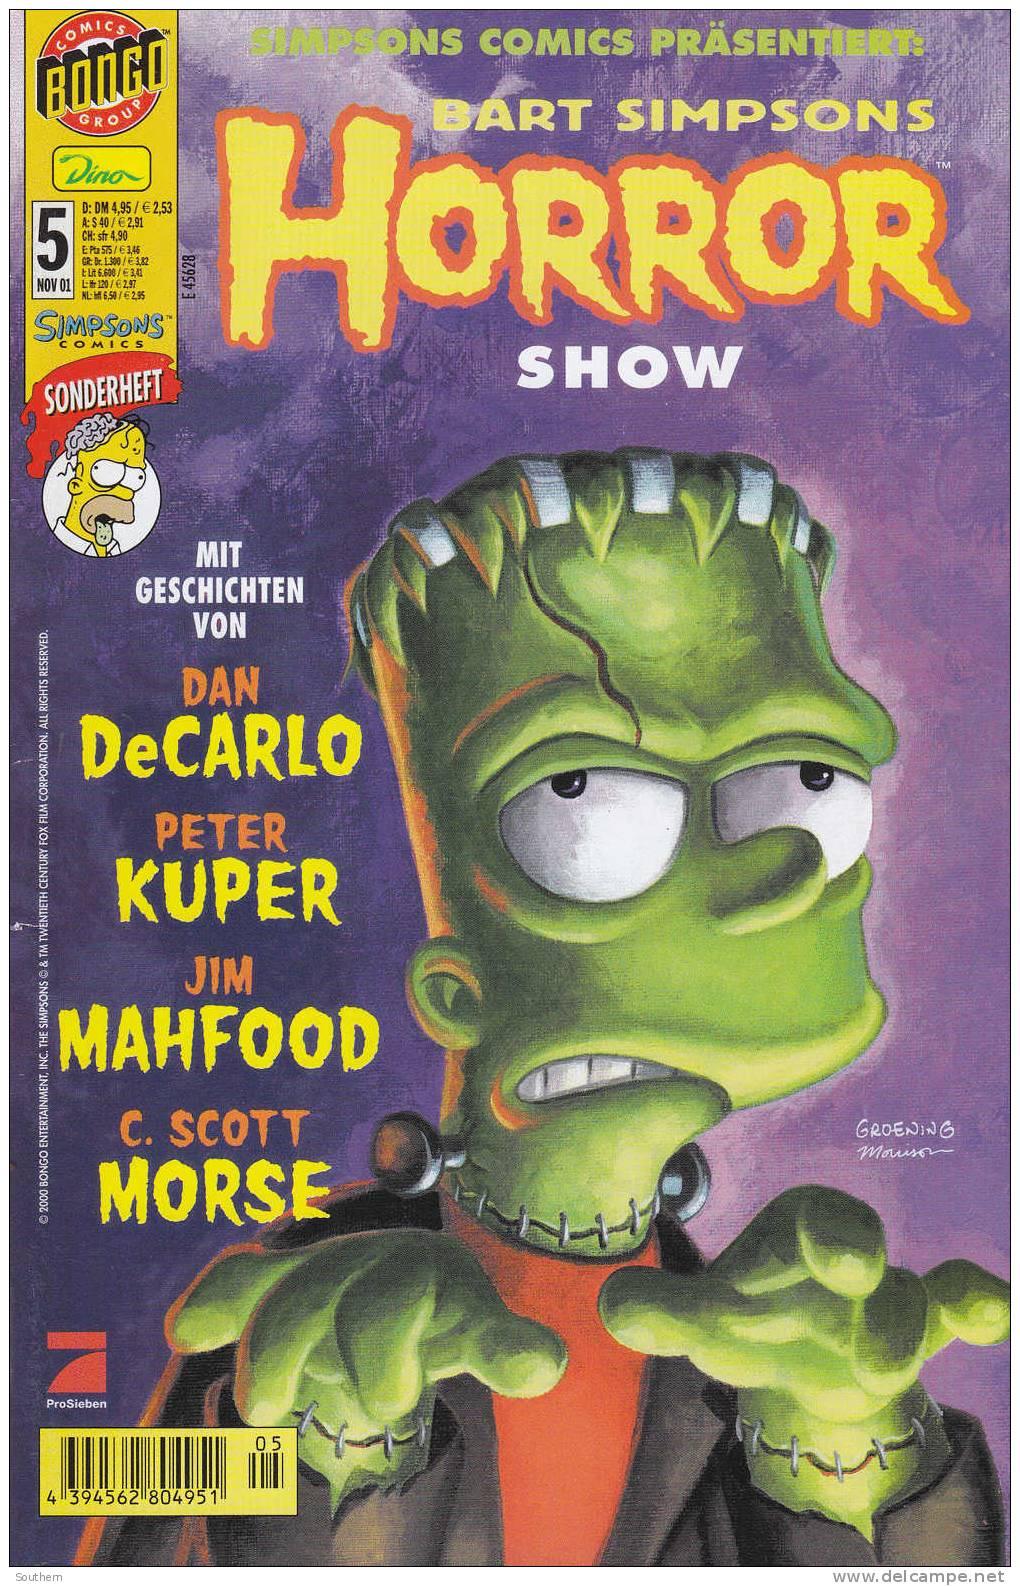 Bart Simpsons N° 5 - 11/2001 - Horror Show - Simpsons, Die